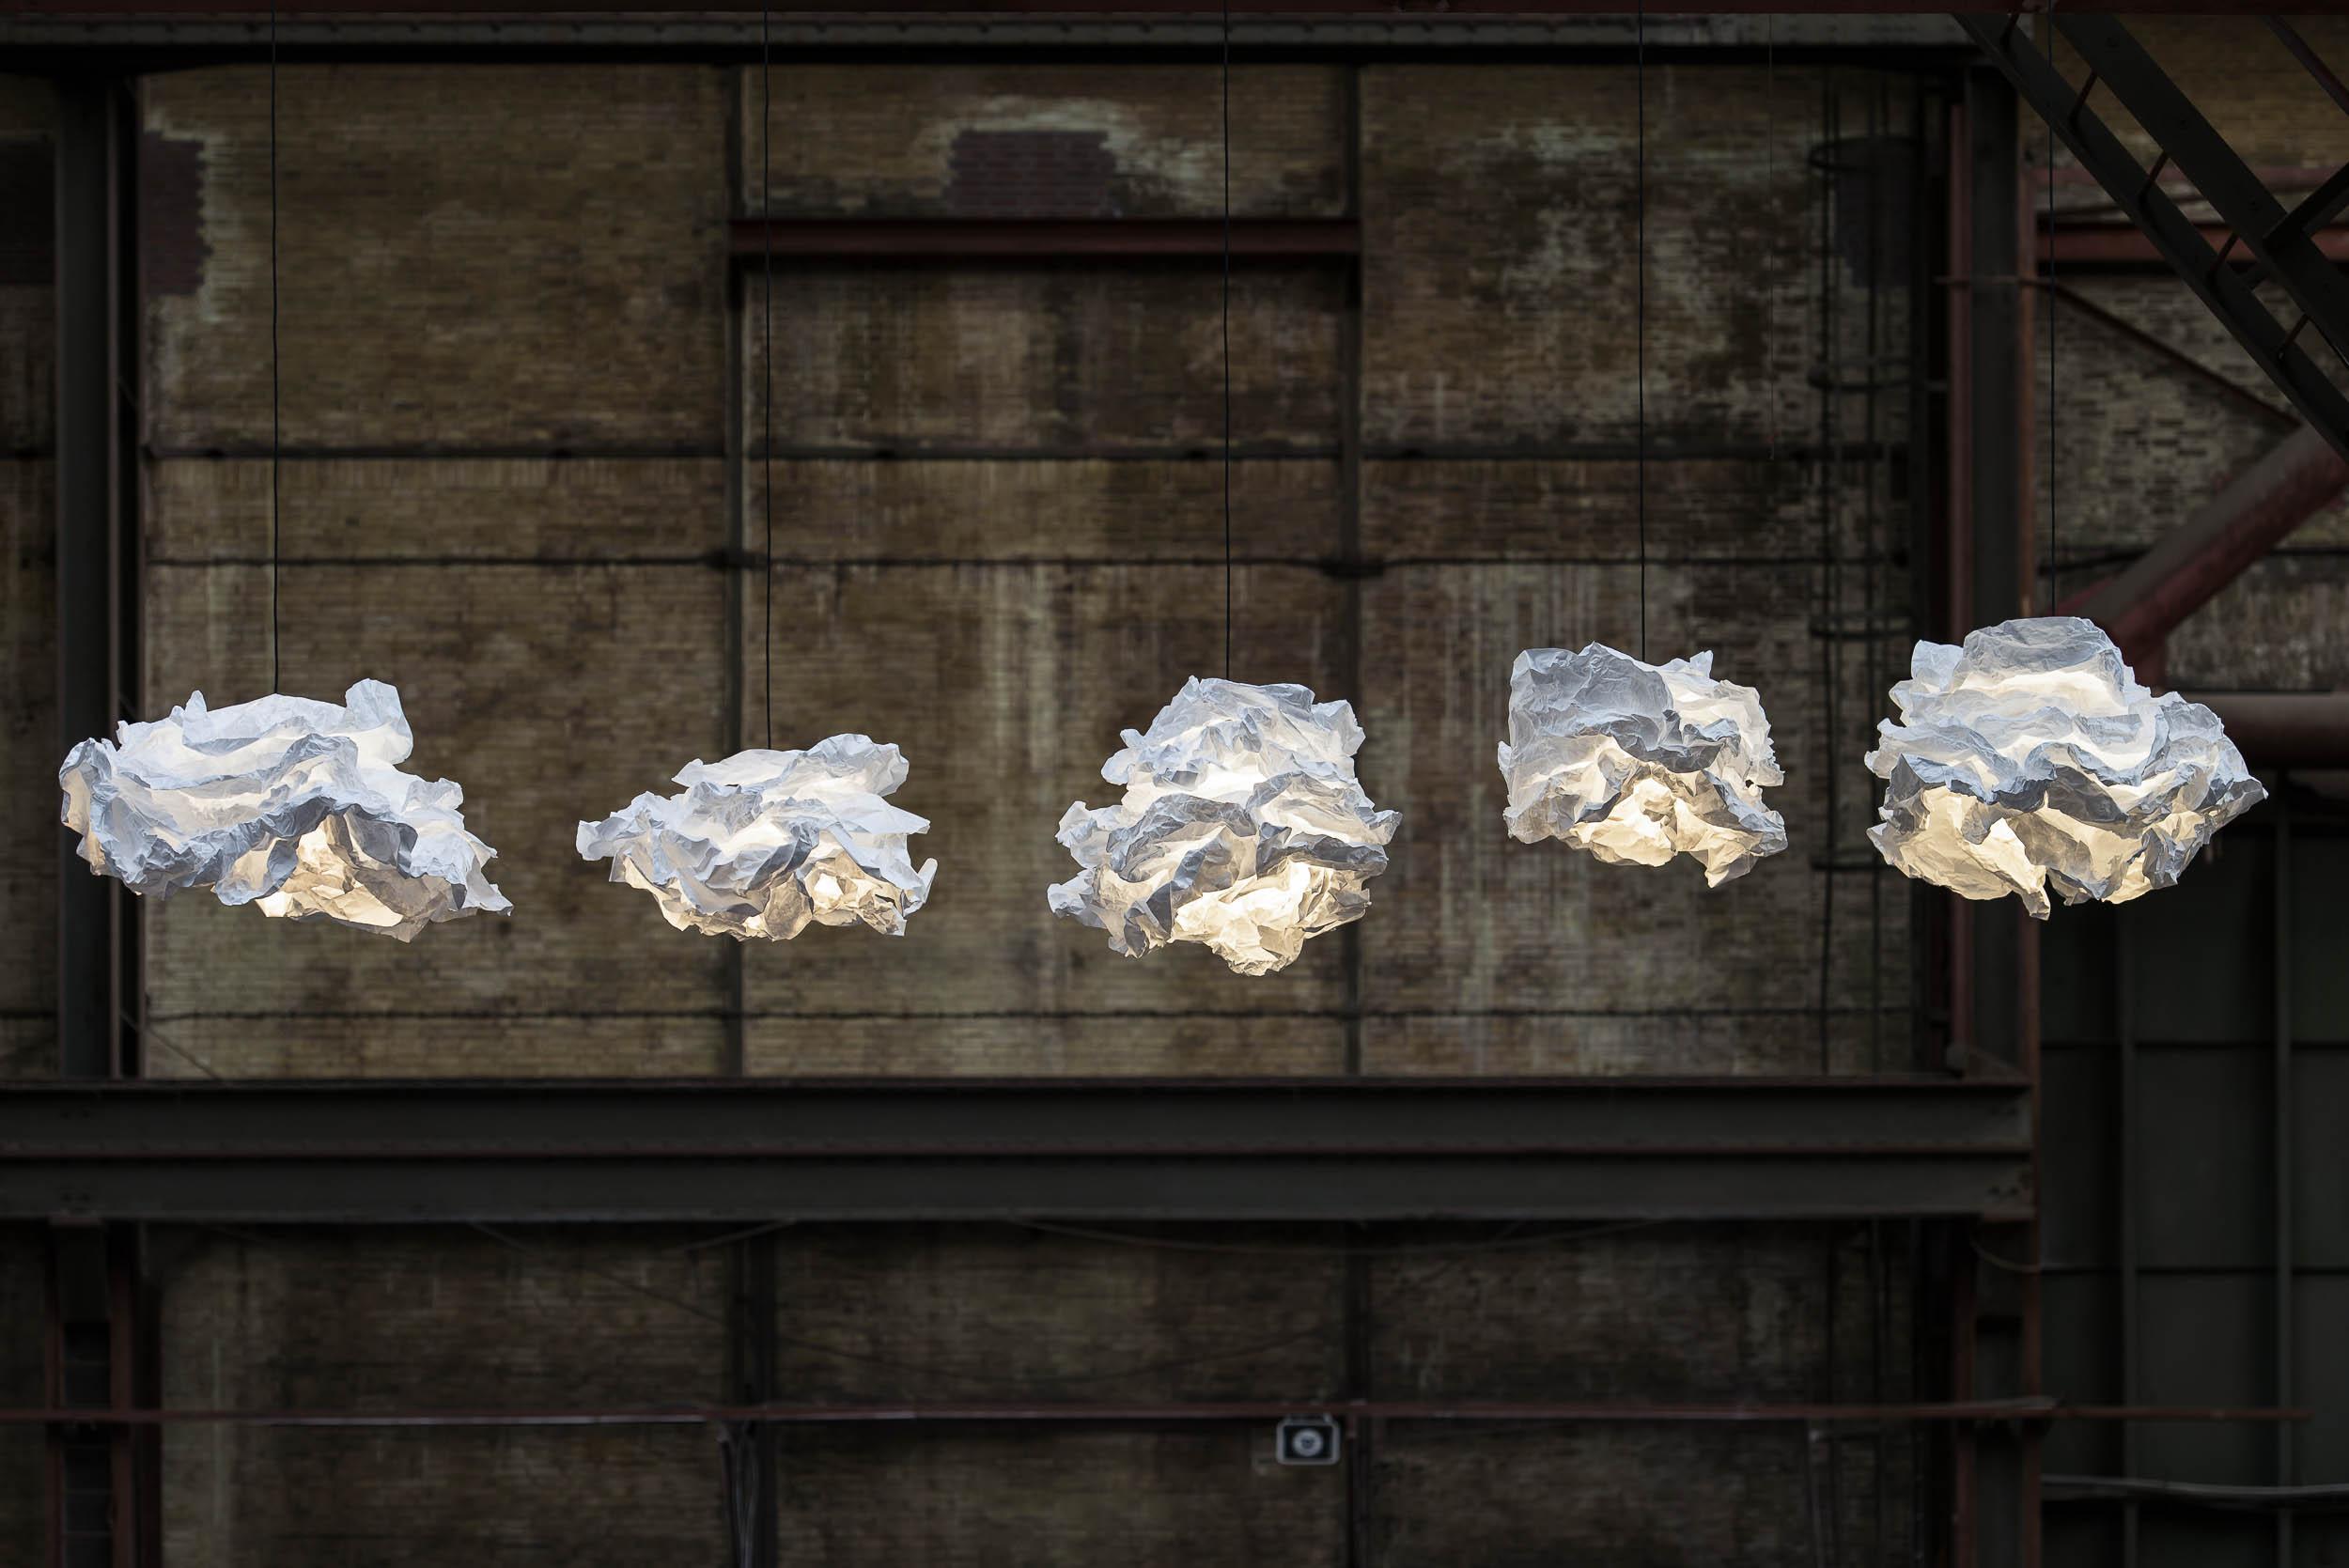 Ölelgethető lámpabura az új sztár